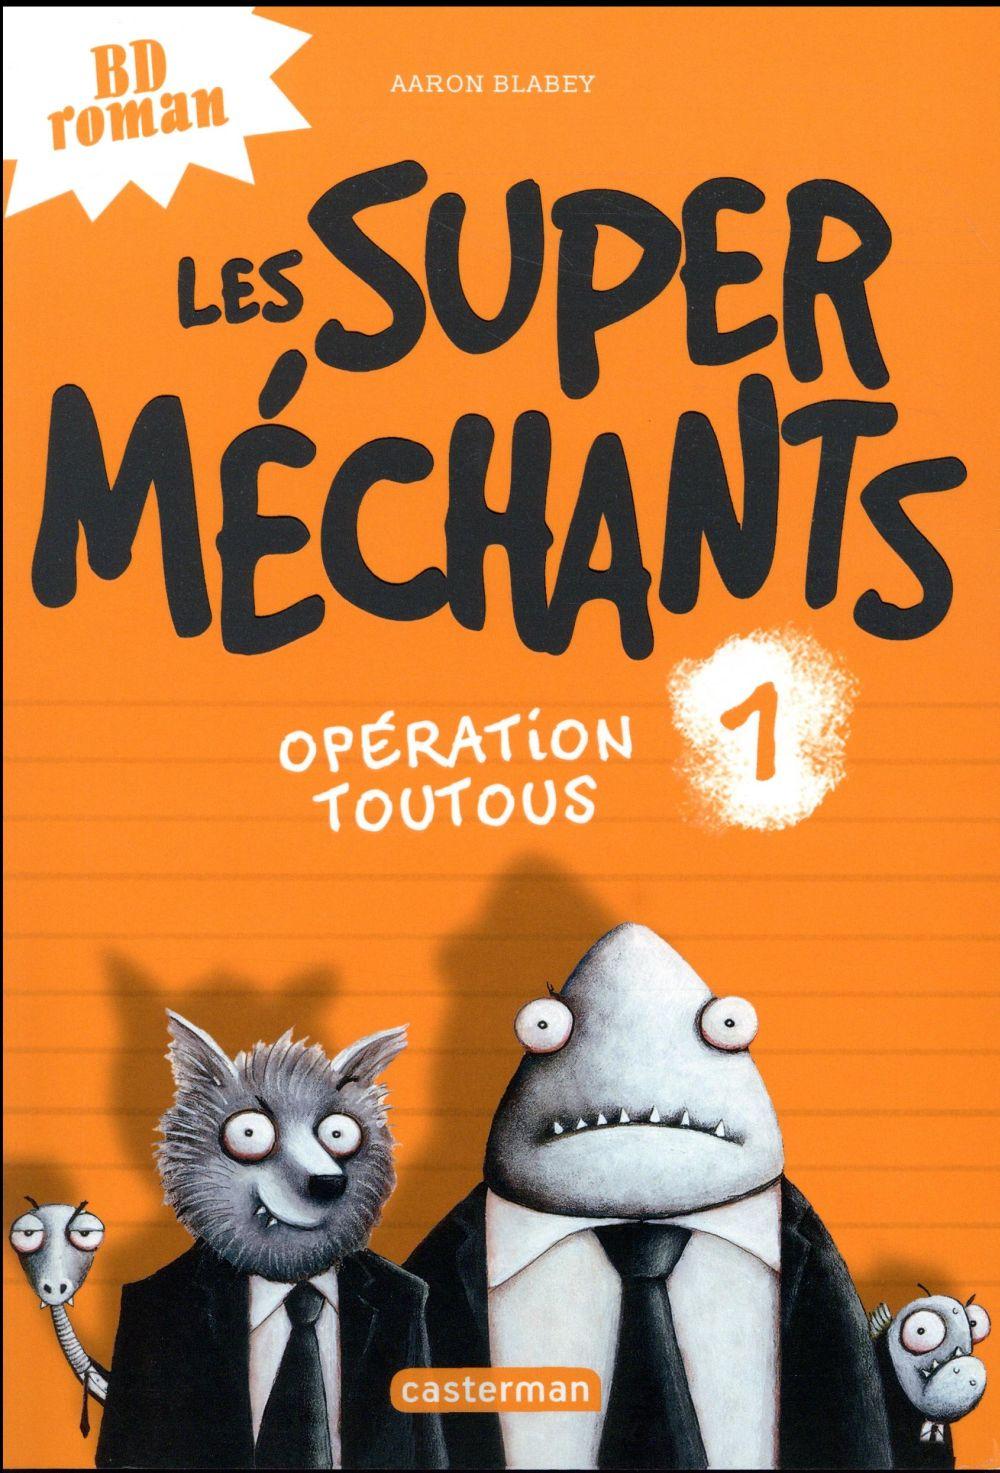 LES SUPER MECHANTS T1 OPERATION TOUTOUS